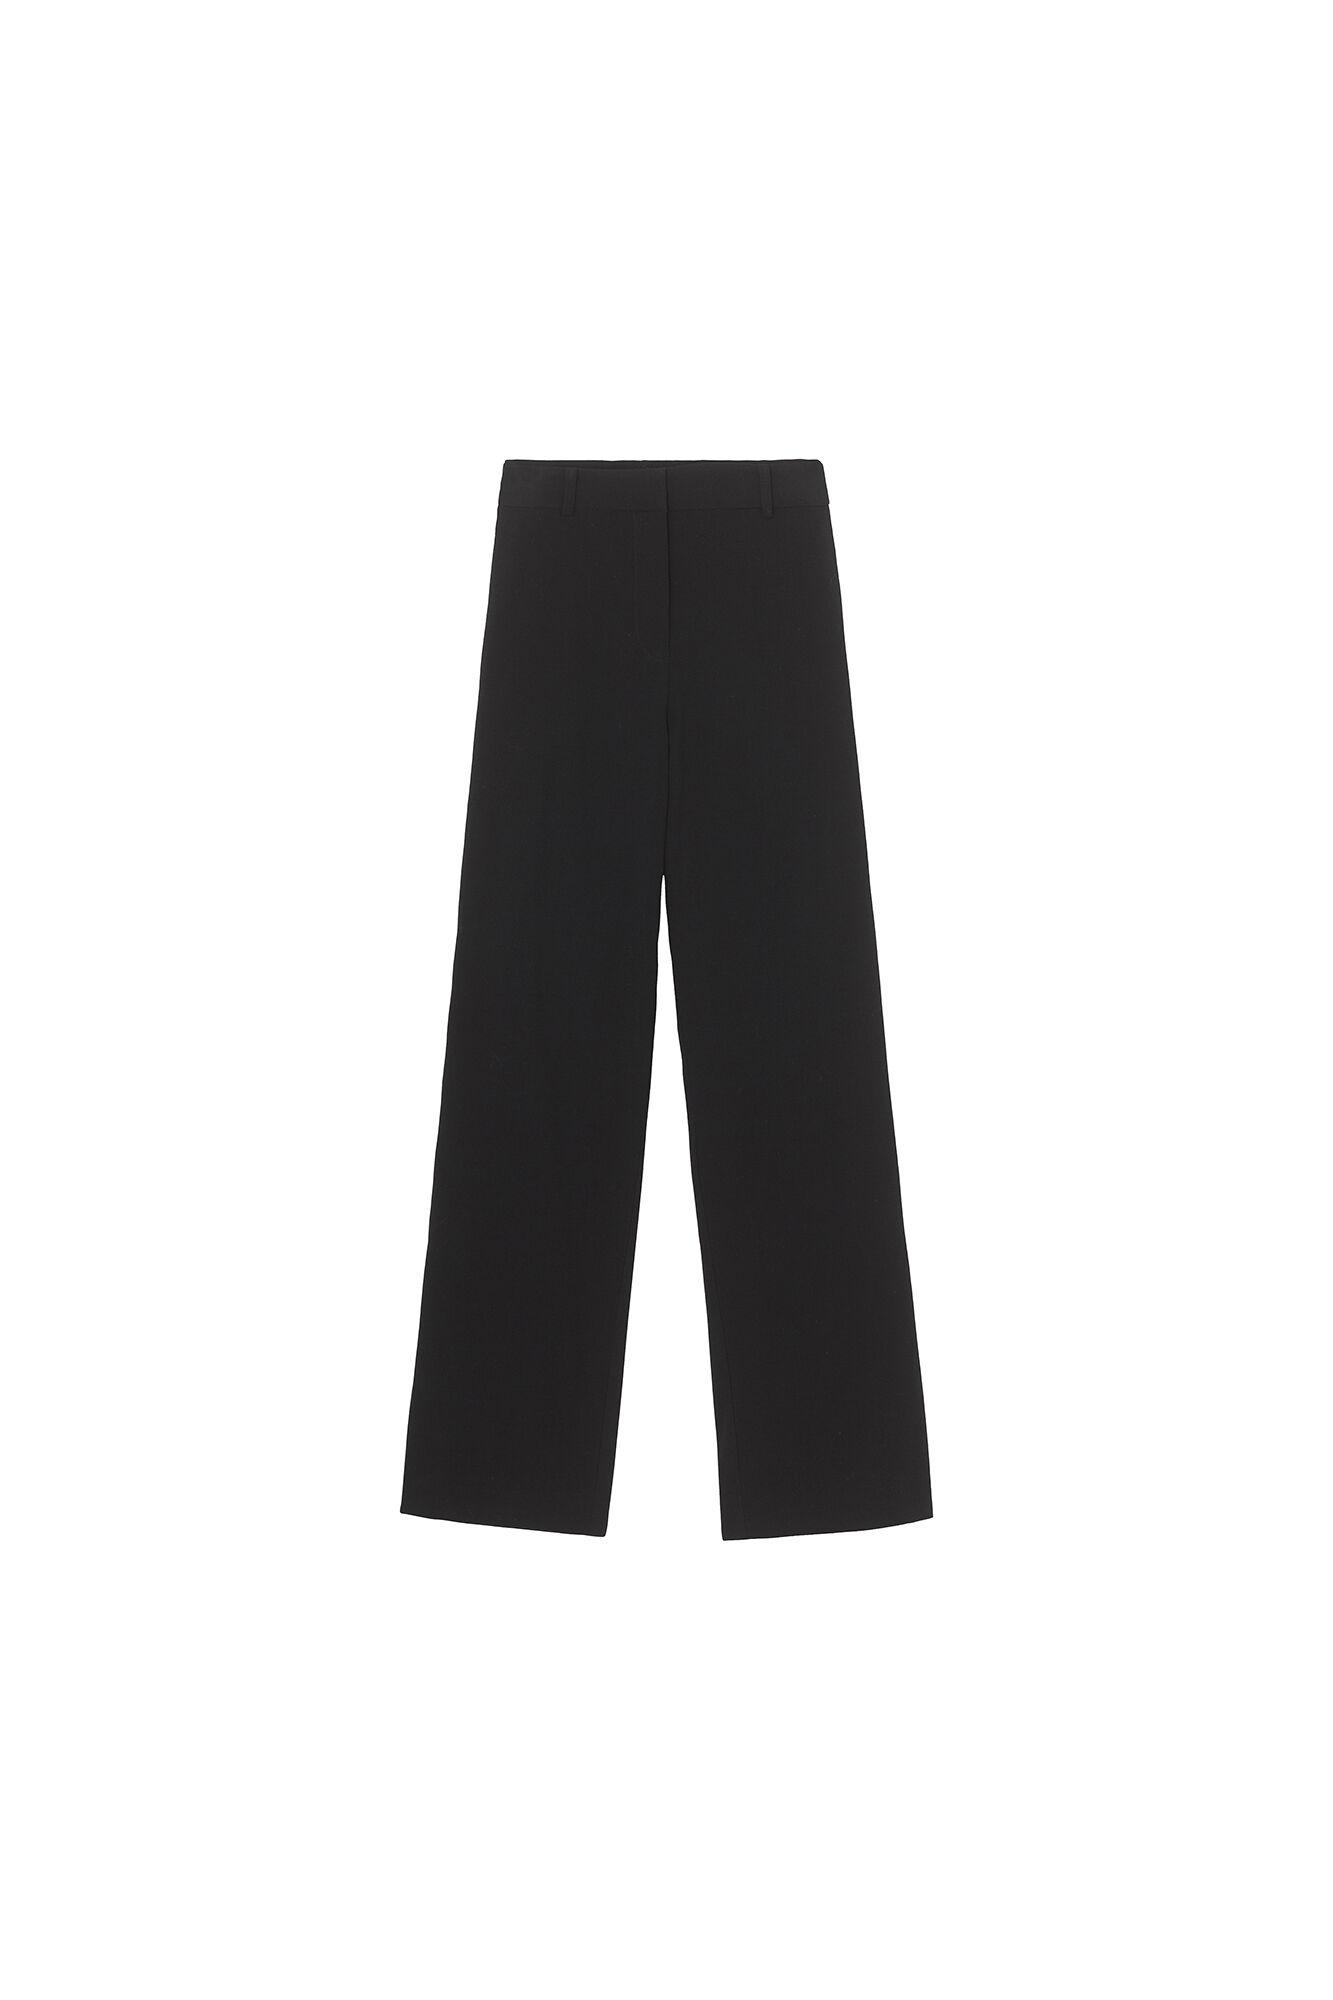 ENKAFIR PANTS 6746, BLACK